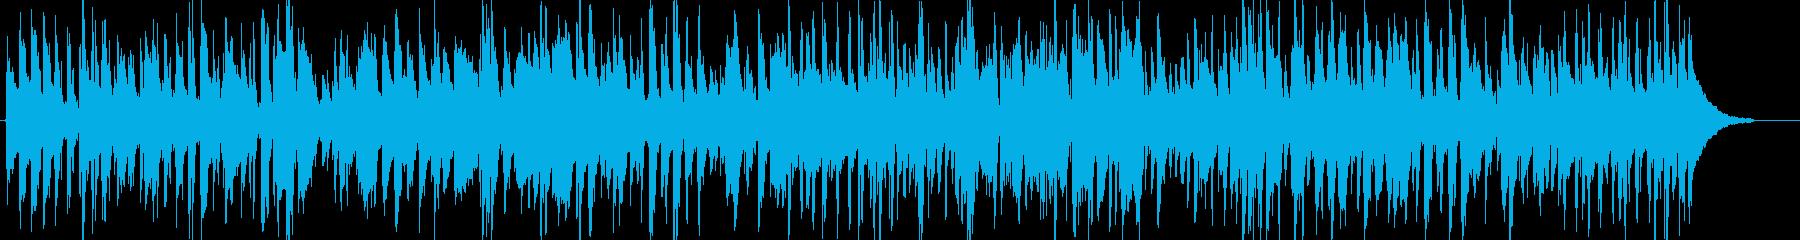 おしゃれで洗練されたアップテンポなジャズの再生済みの波形